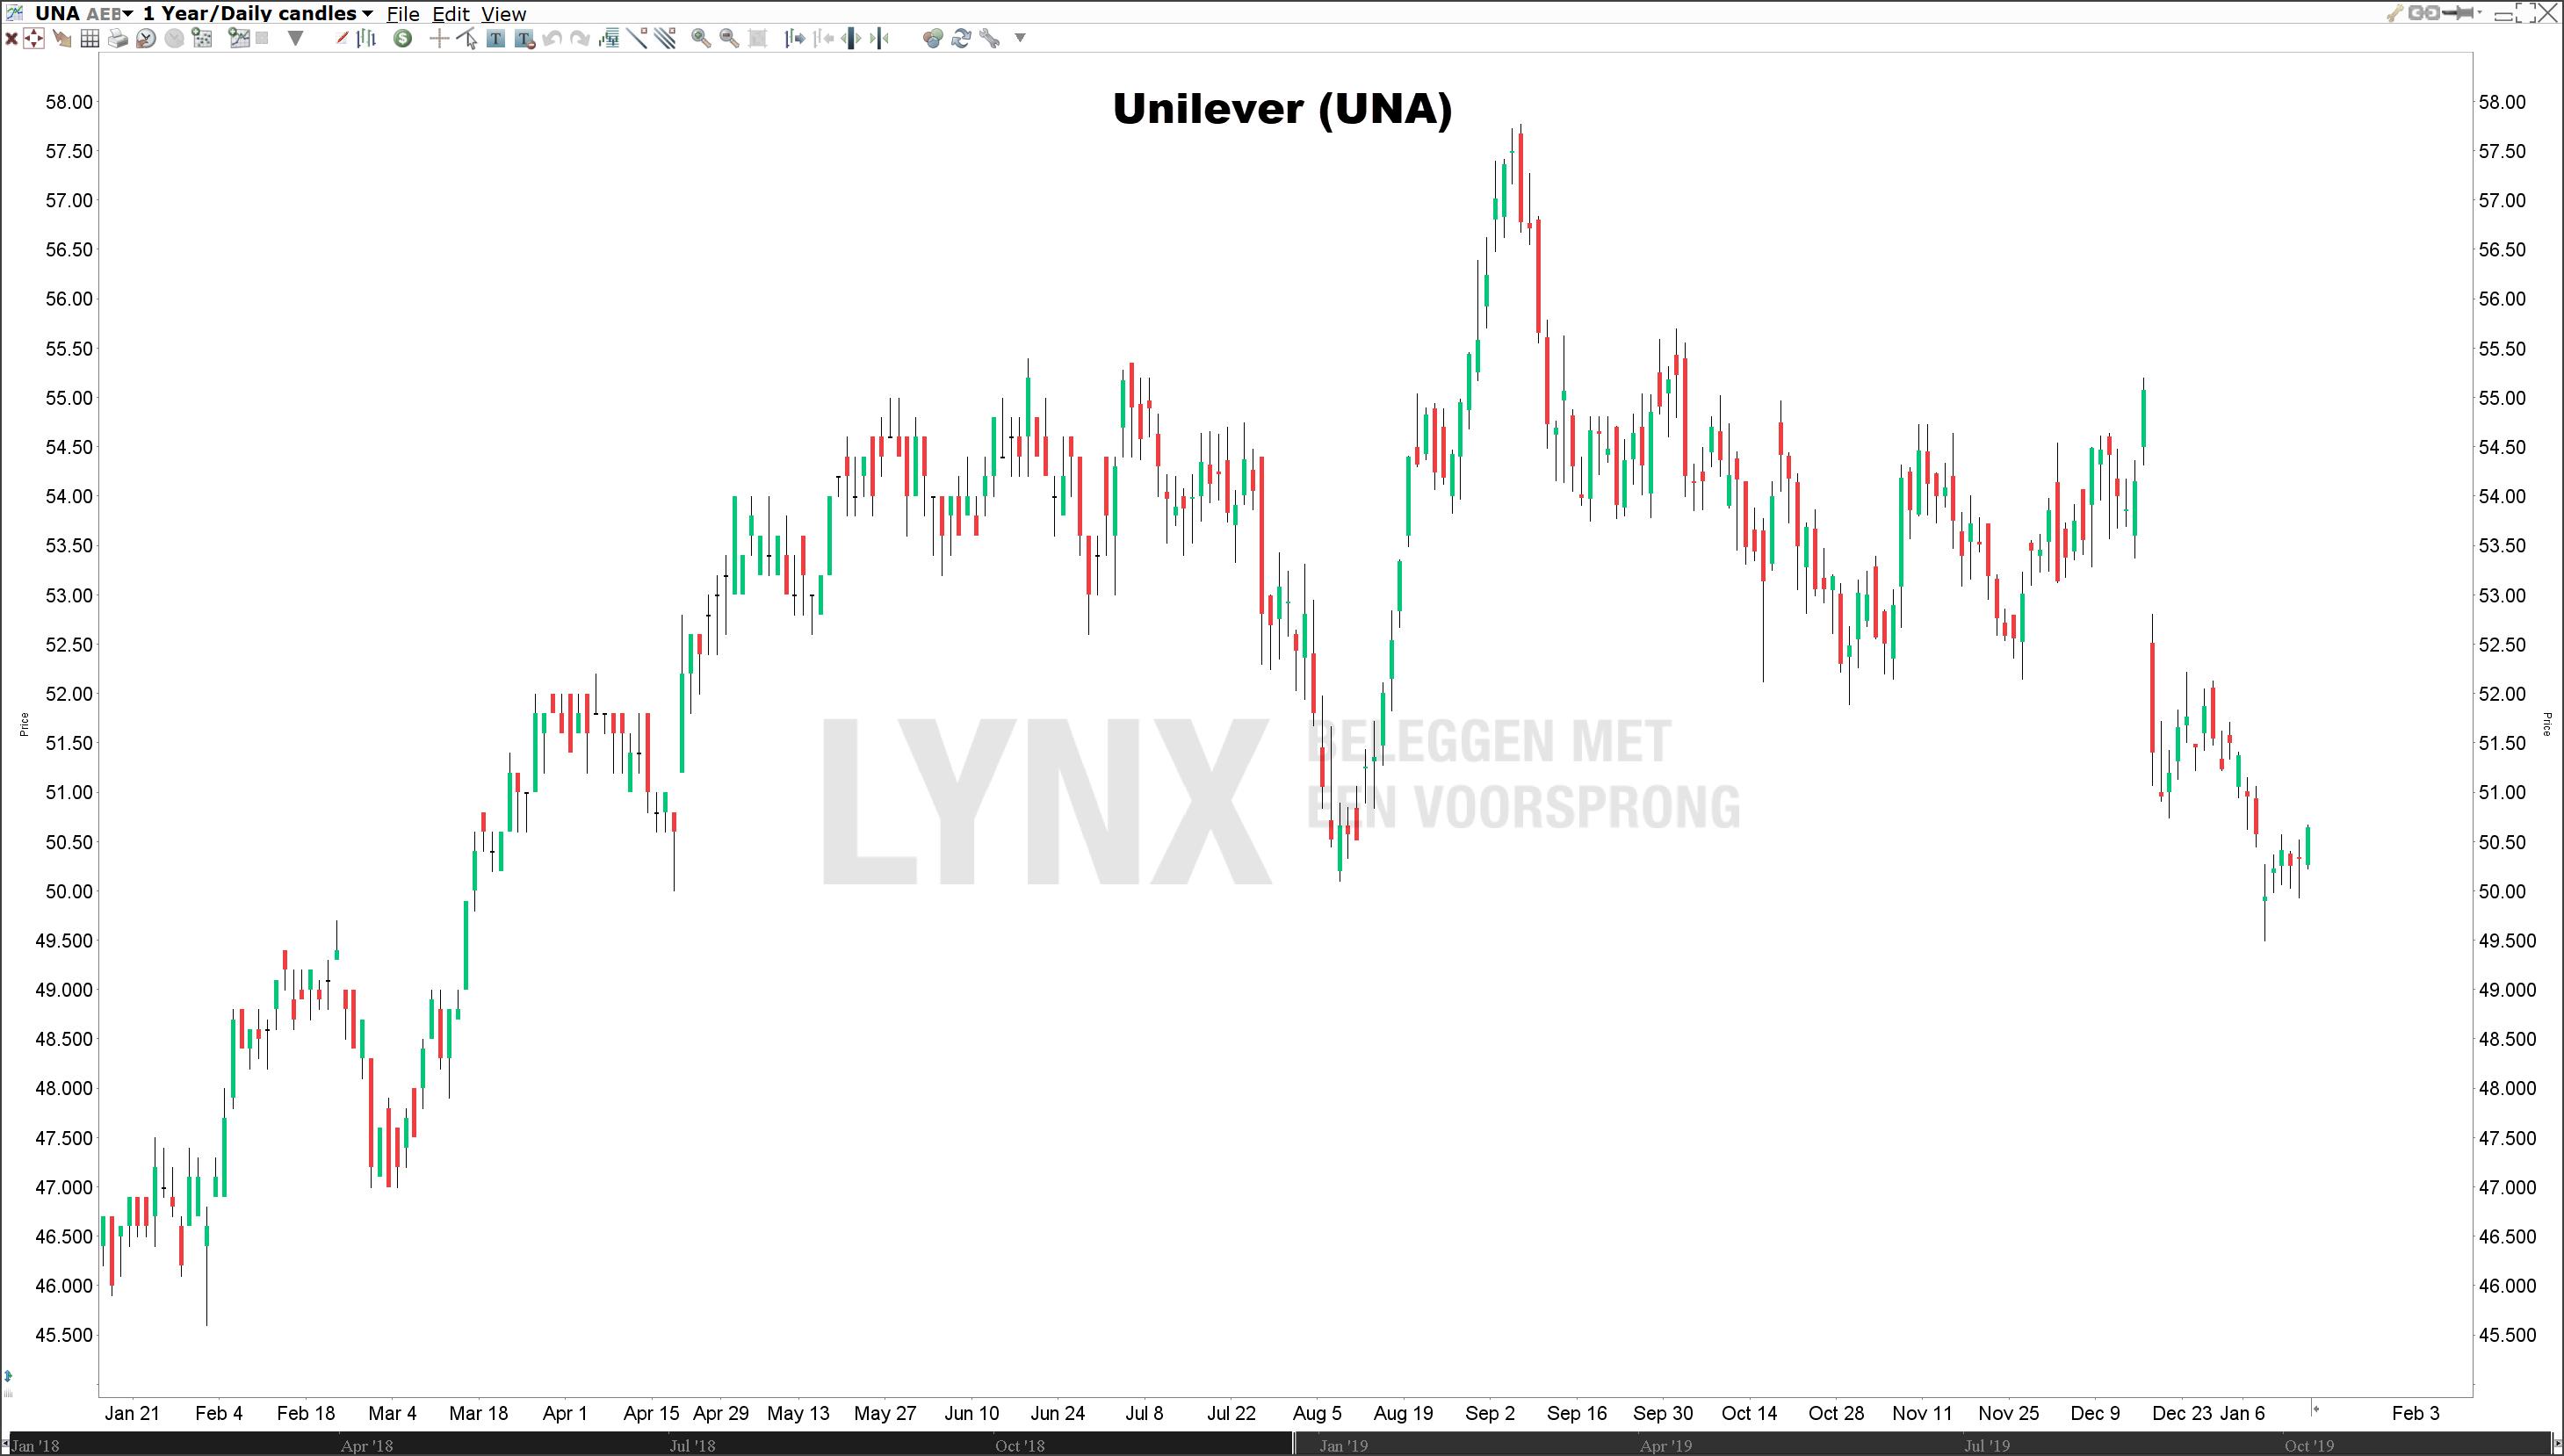 Koers Unilever aandeel